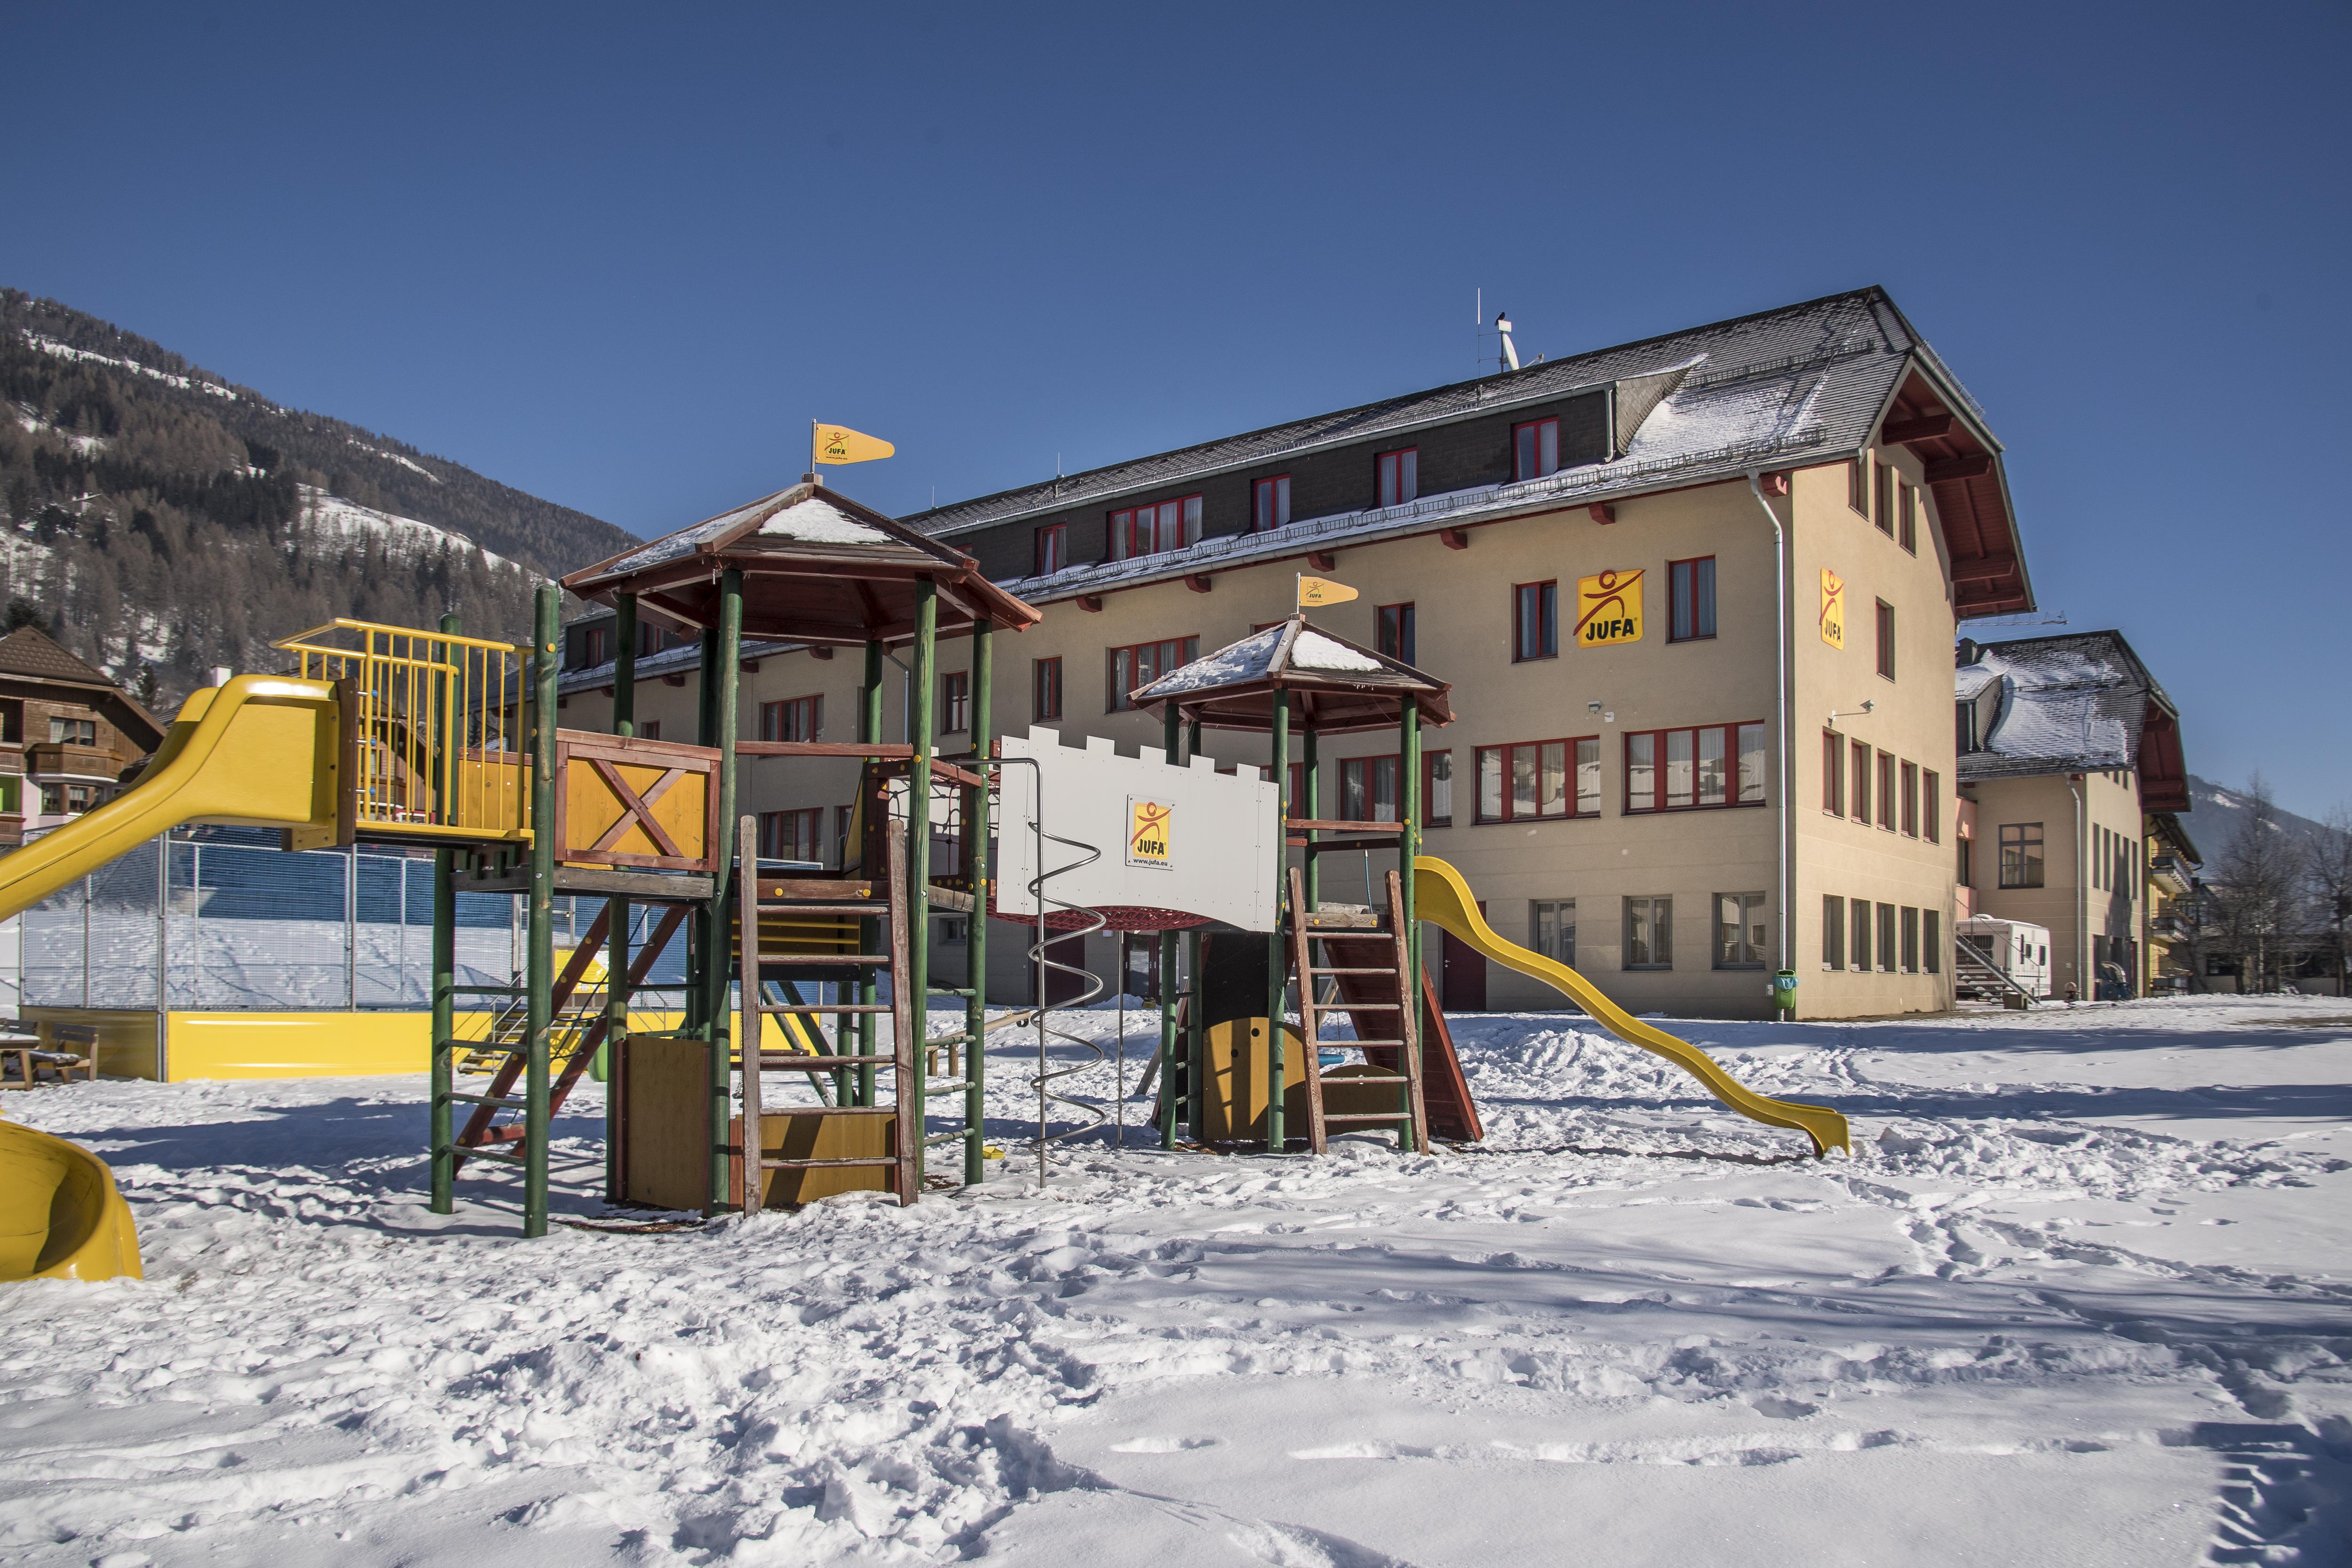 Hotelansicht vom JUFA Hotel Lungau mit Kletterburg vor blauem Himmel im Winter. JUFA Hotels bieten erholsamen Familienurlaub und einen unvergesslichen Winterurlaub.